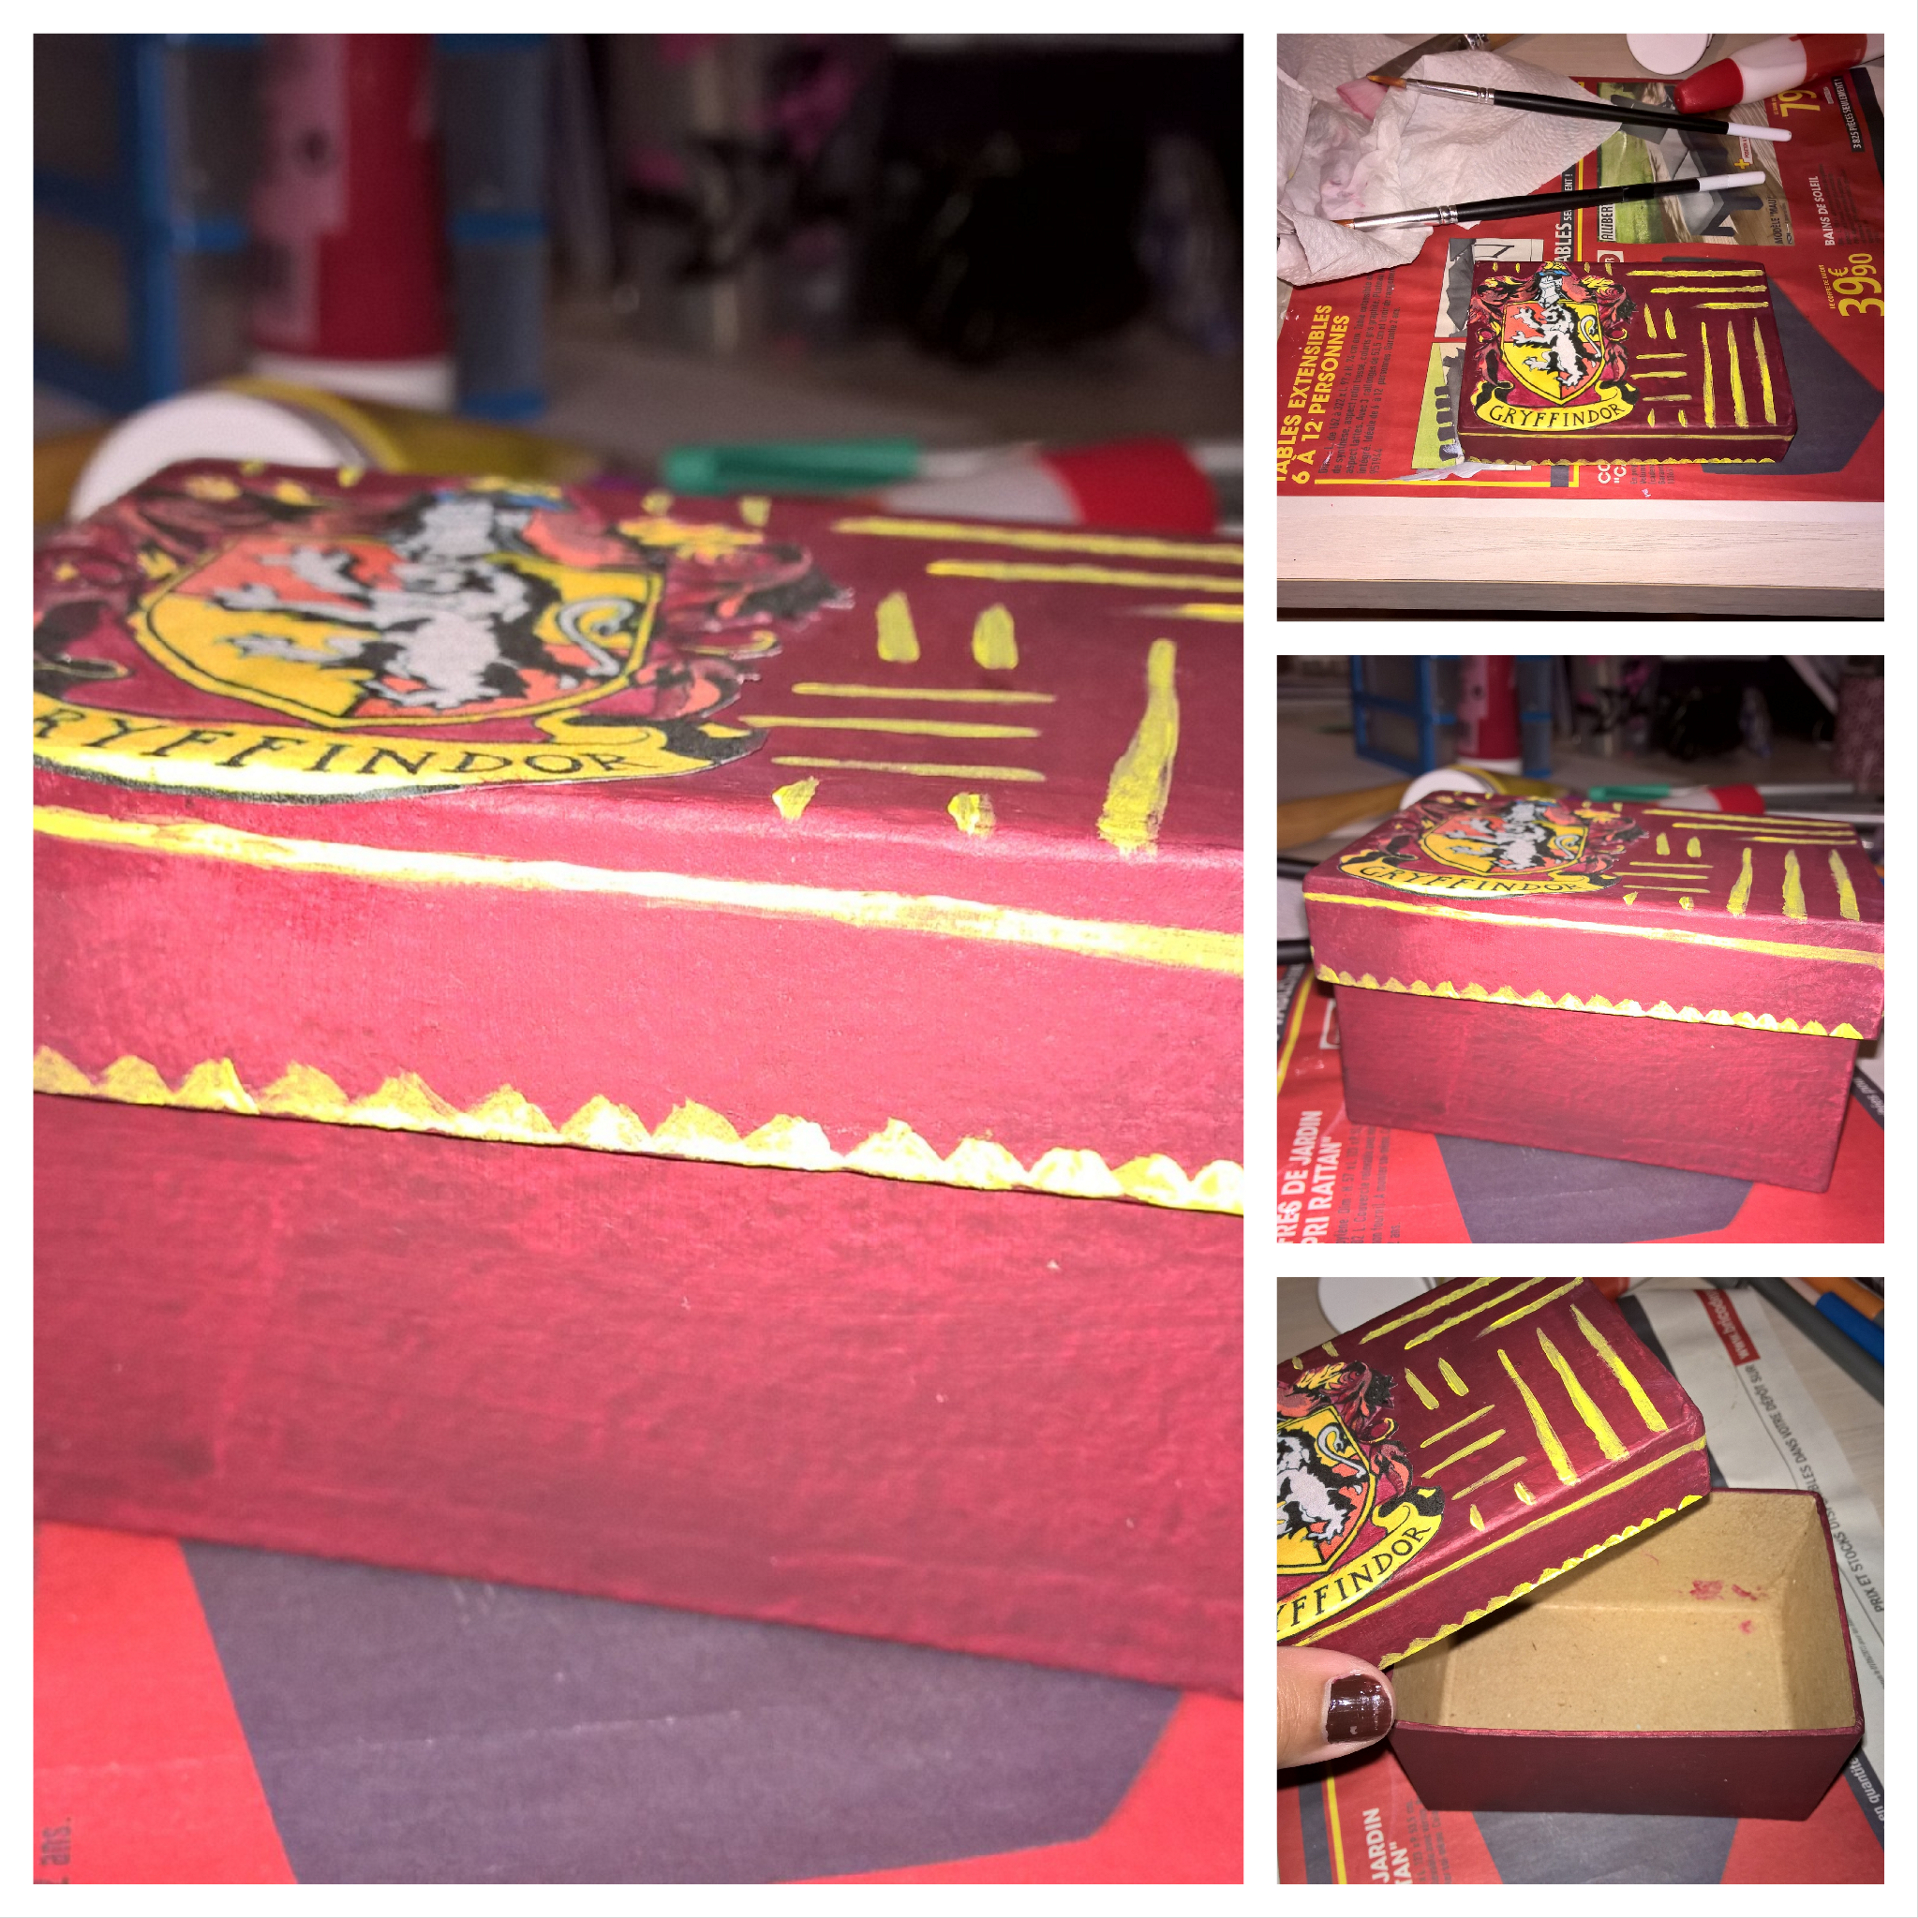 #box #gryffondor  #harrypotter #potter #potterhead #potteraddict #potterfan #harrypotterfan